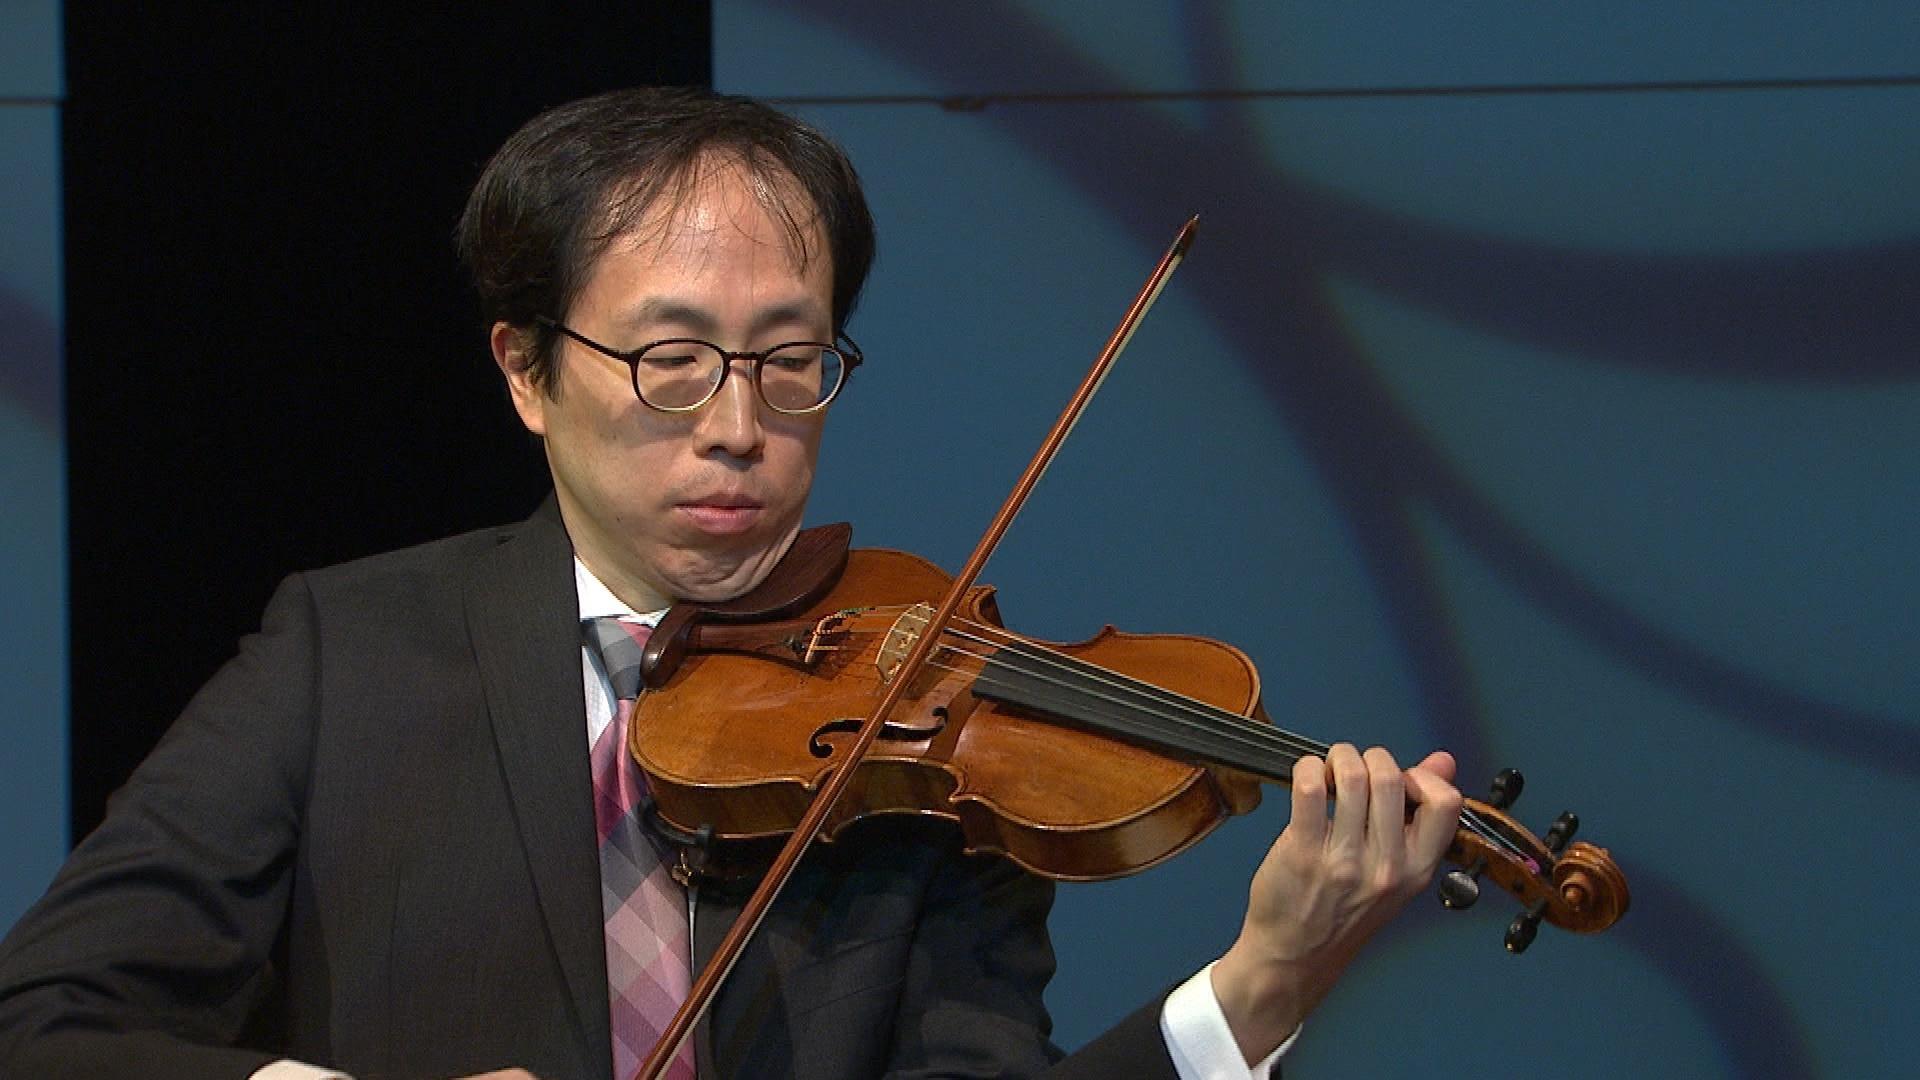 Shieh-Jian Tsai